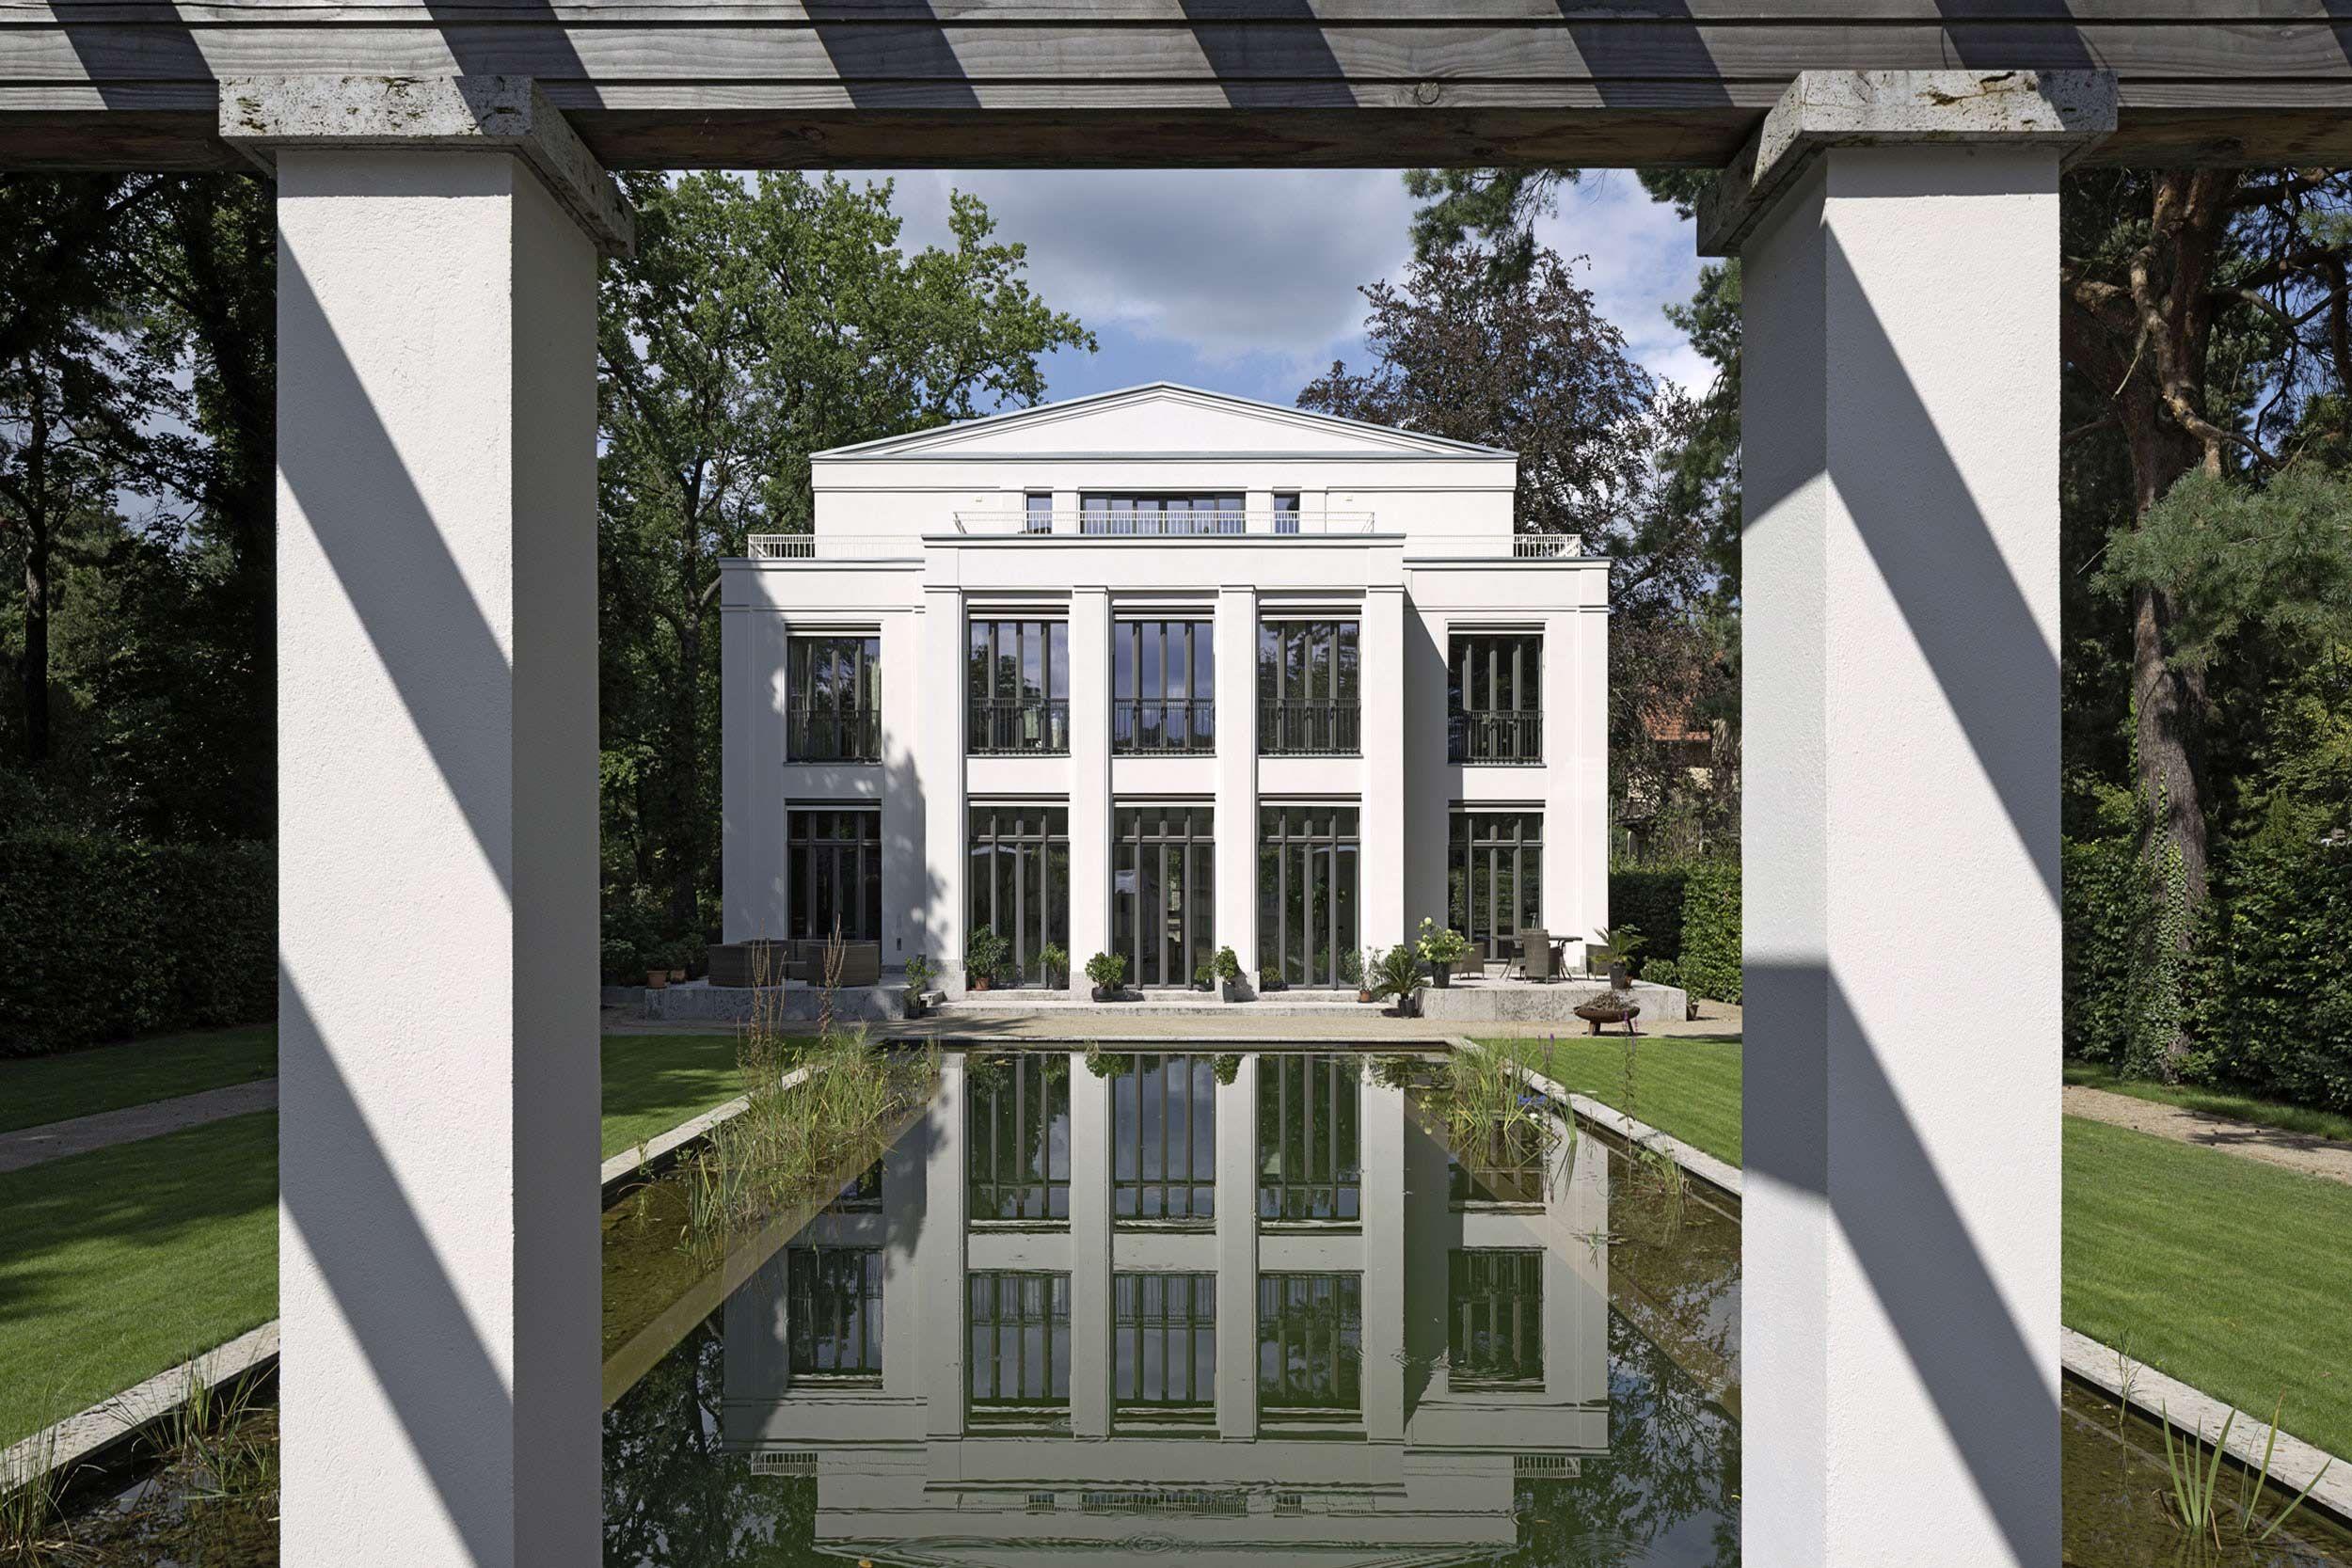 klassisch profilierte atelierfenster eröffnen einen wunderbaren, Garten und erstellen